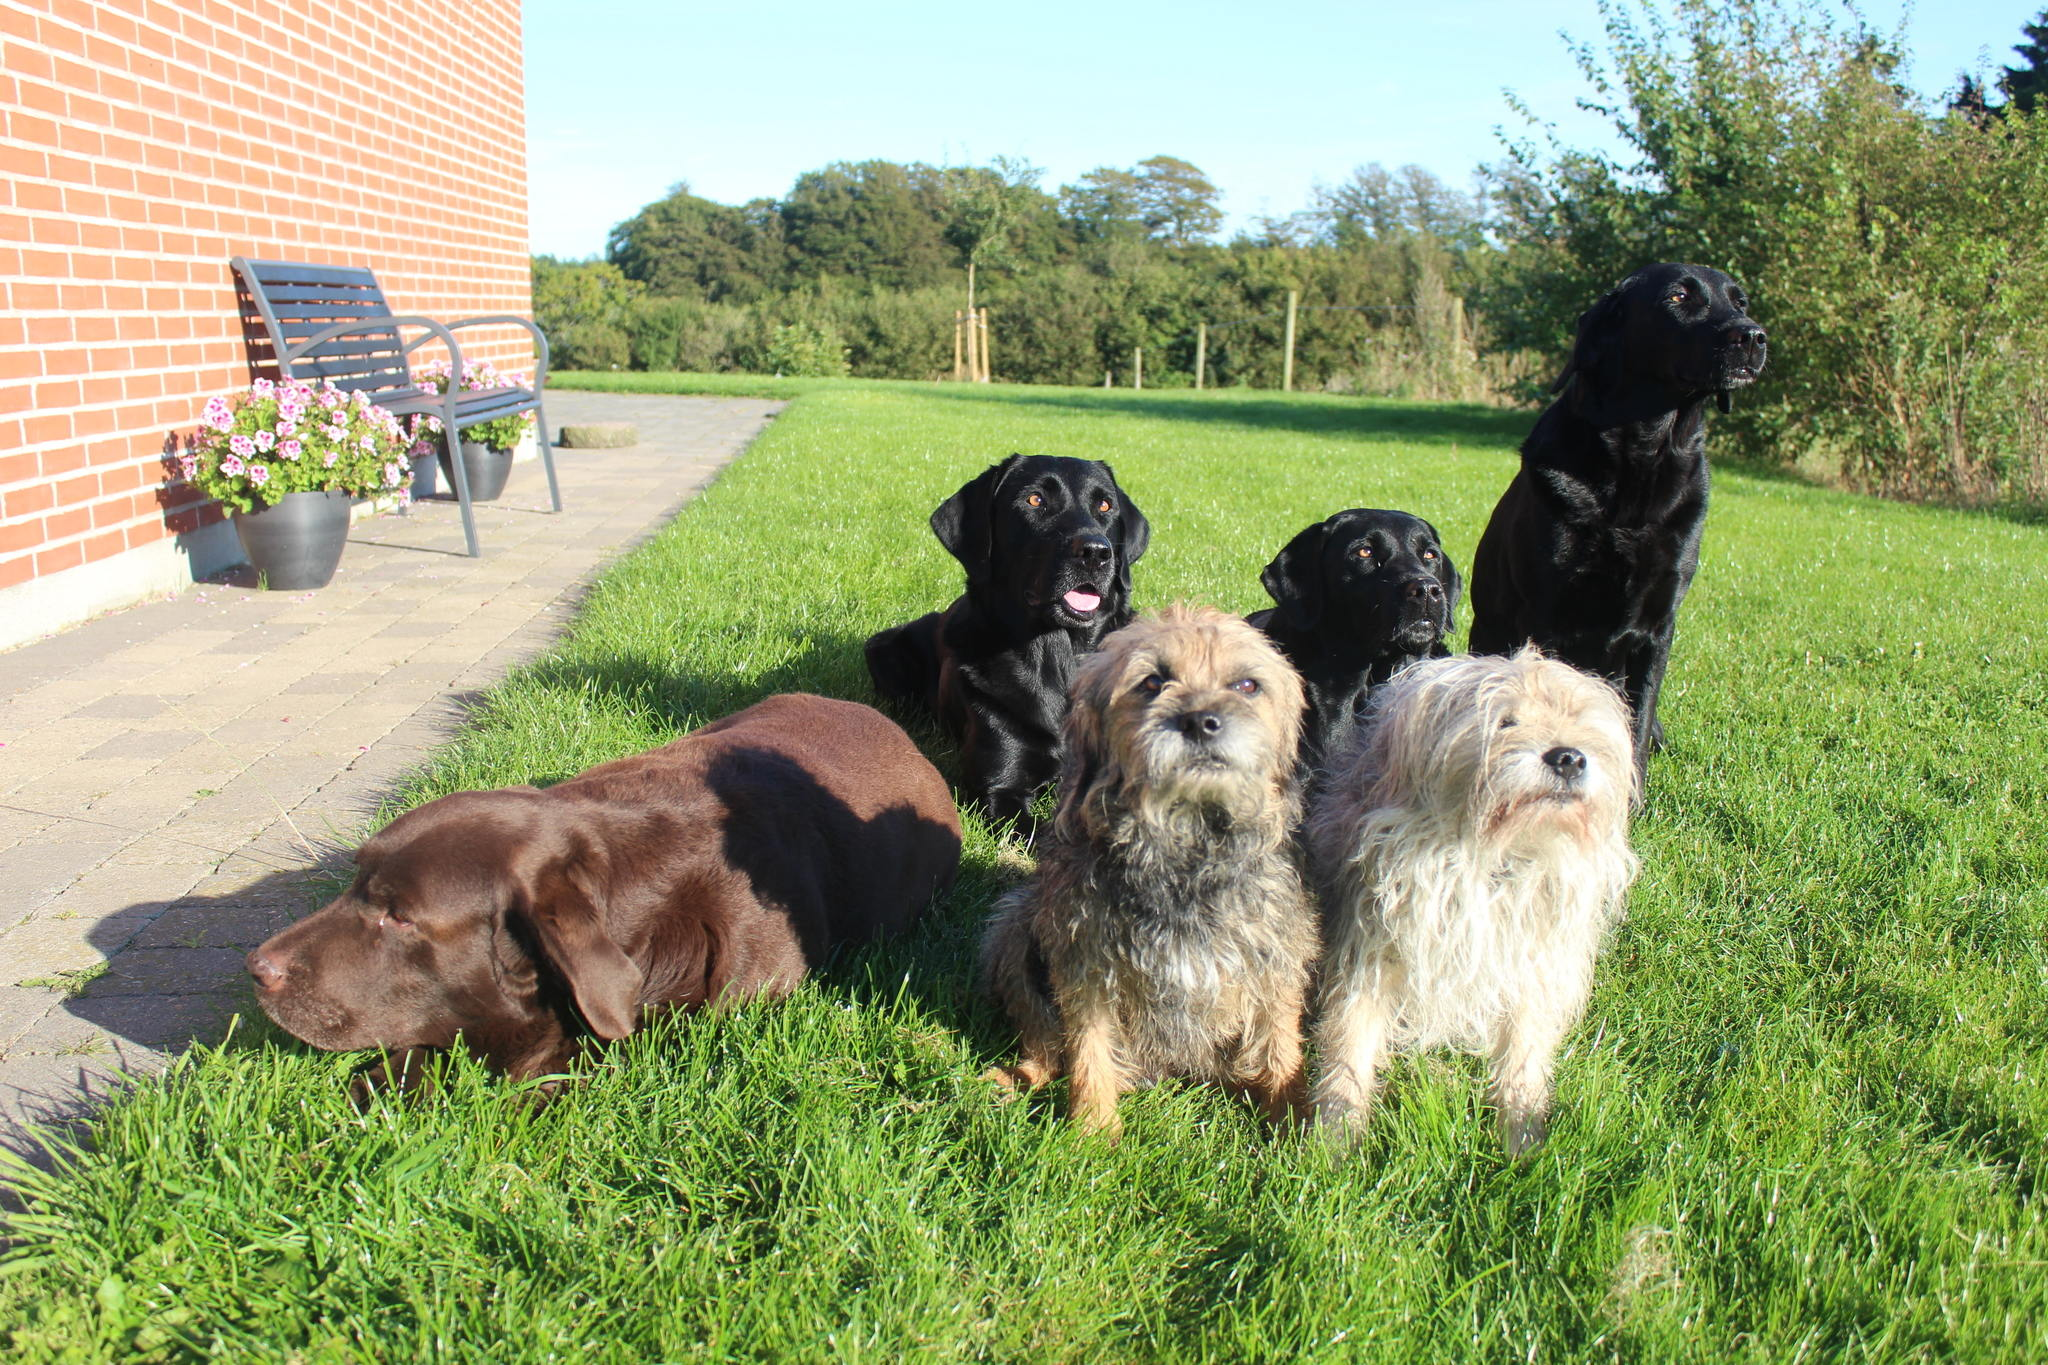 I baggrunden fra venstre: Team Jægerlunden Xander, Rønnesholms Molly og Lumby's Tessa. I forgrunden fra venstre: Fallow Forest Coco, Jægerlunden Blue Fox og Cinderella in Blue (Zoffy).